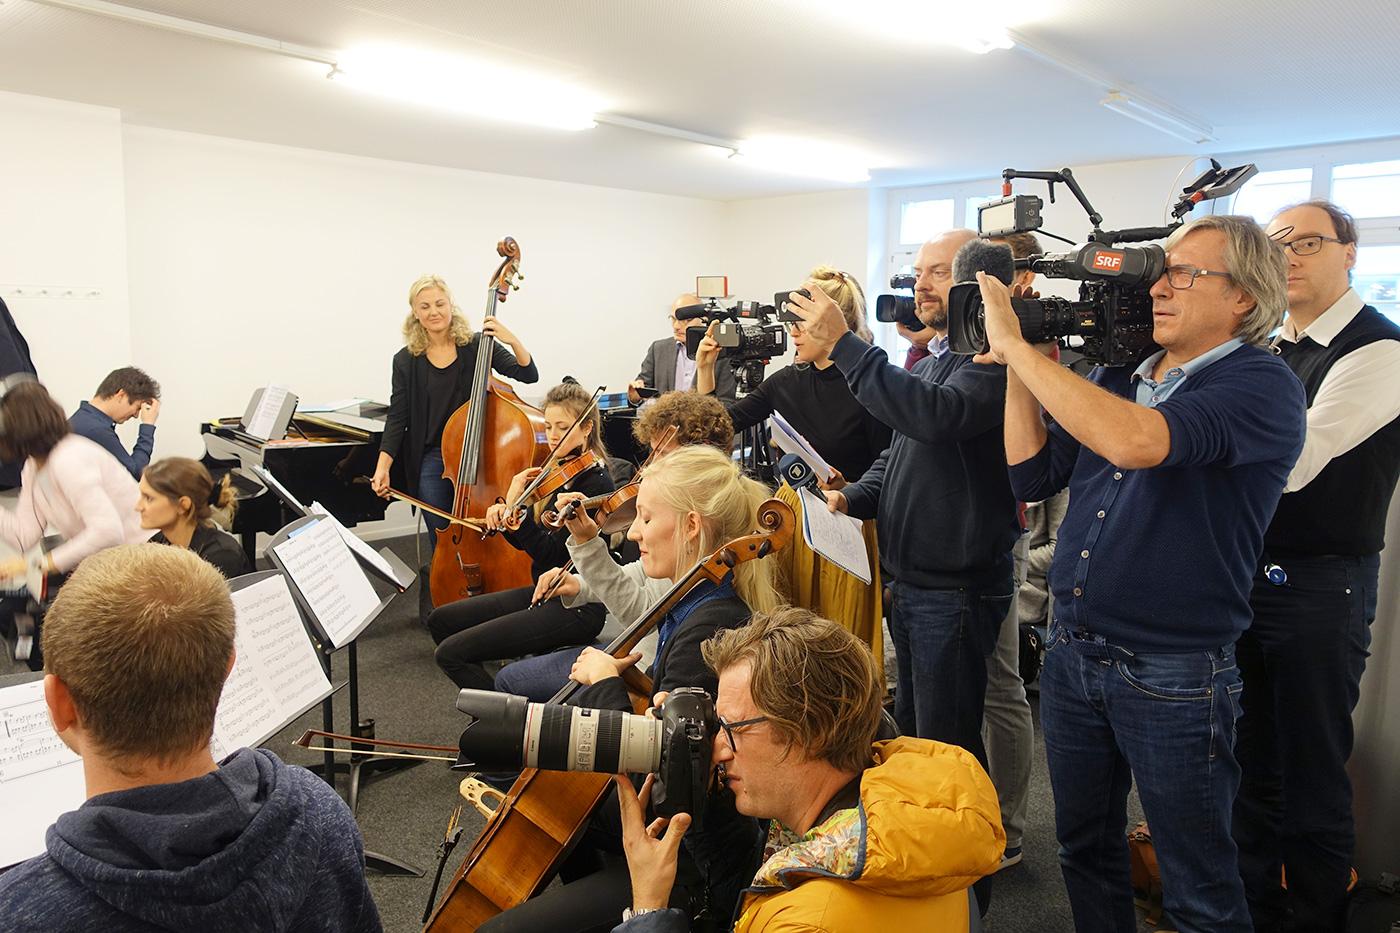 Grosses Medieninteresse: Kameras mischen sich unter die Instrumente.